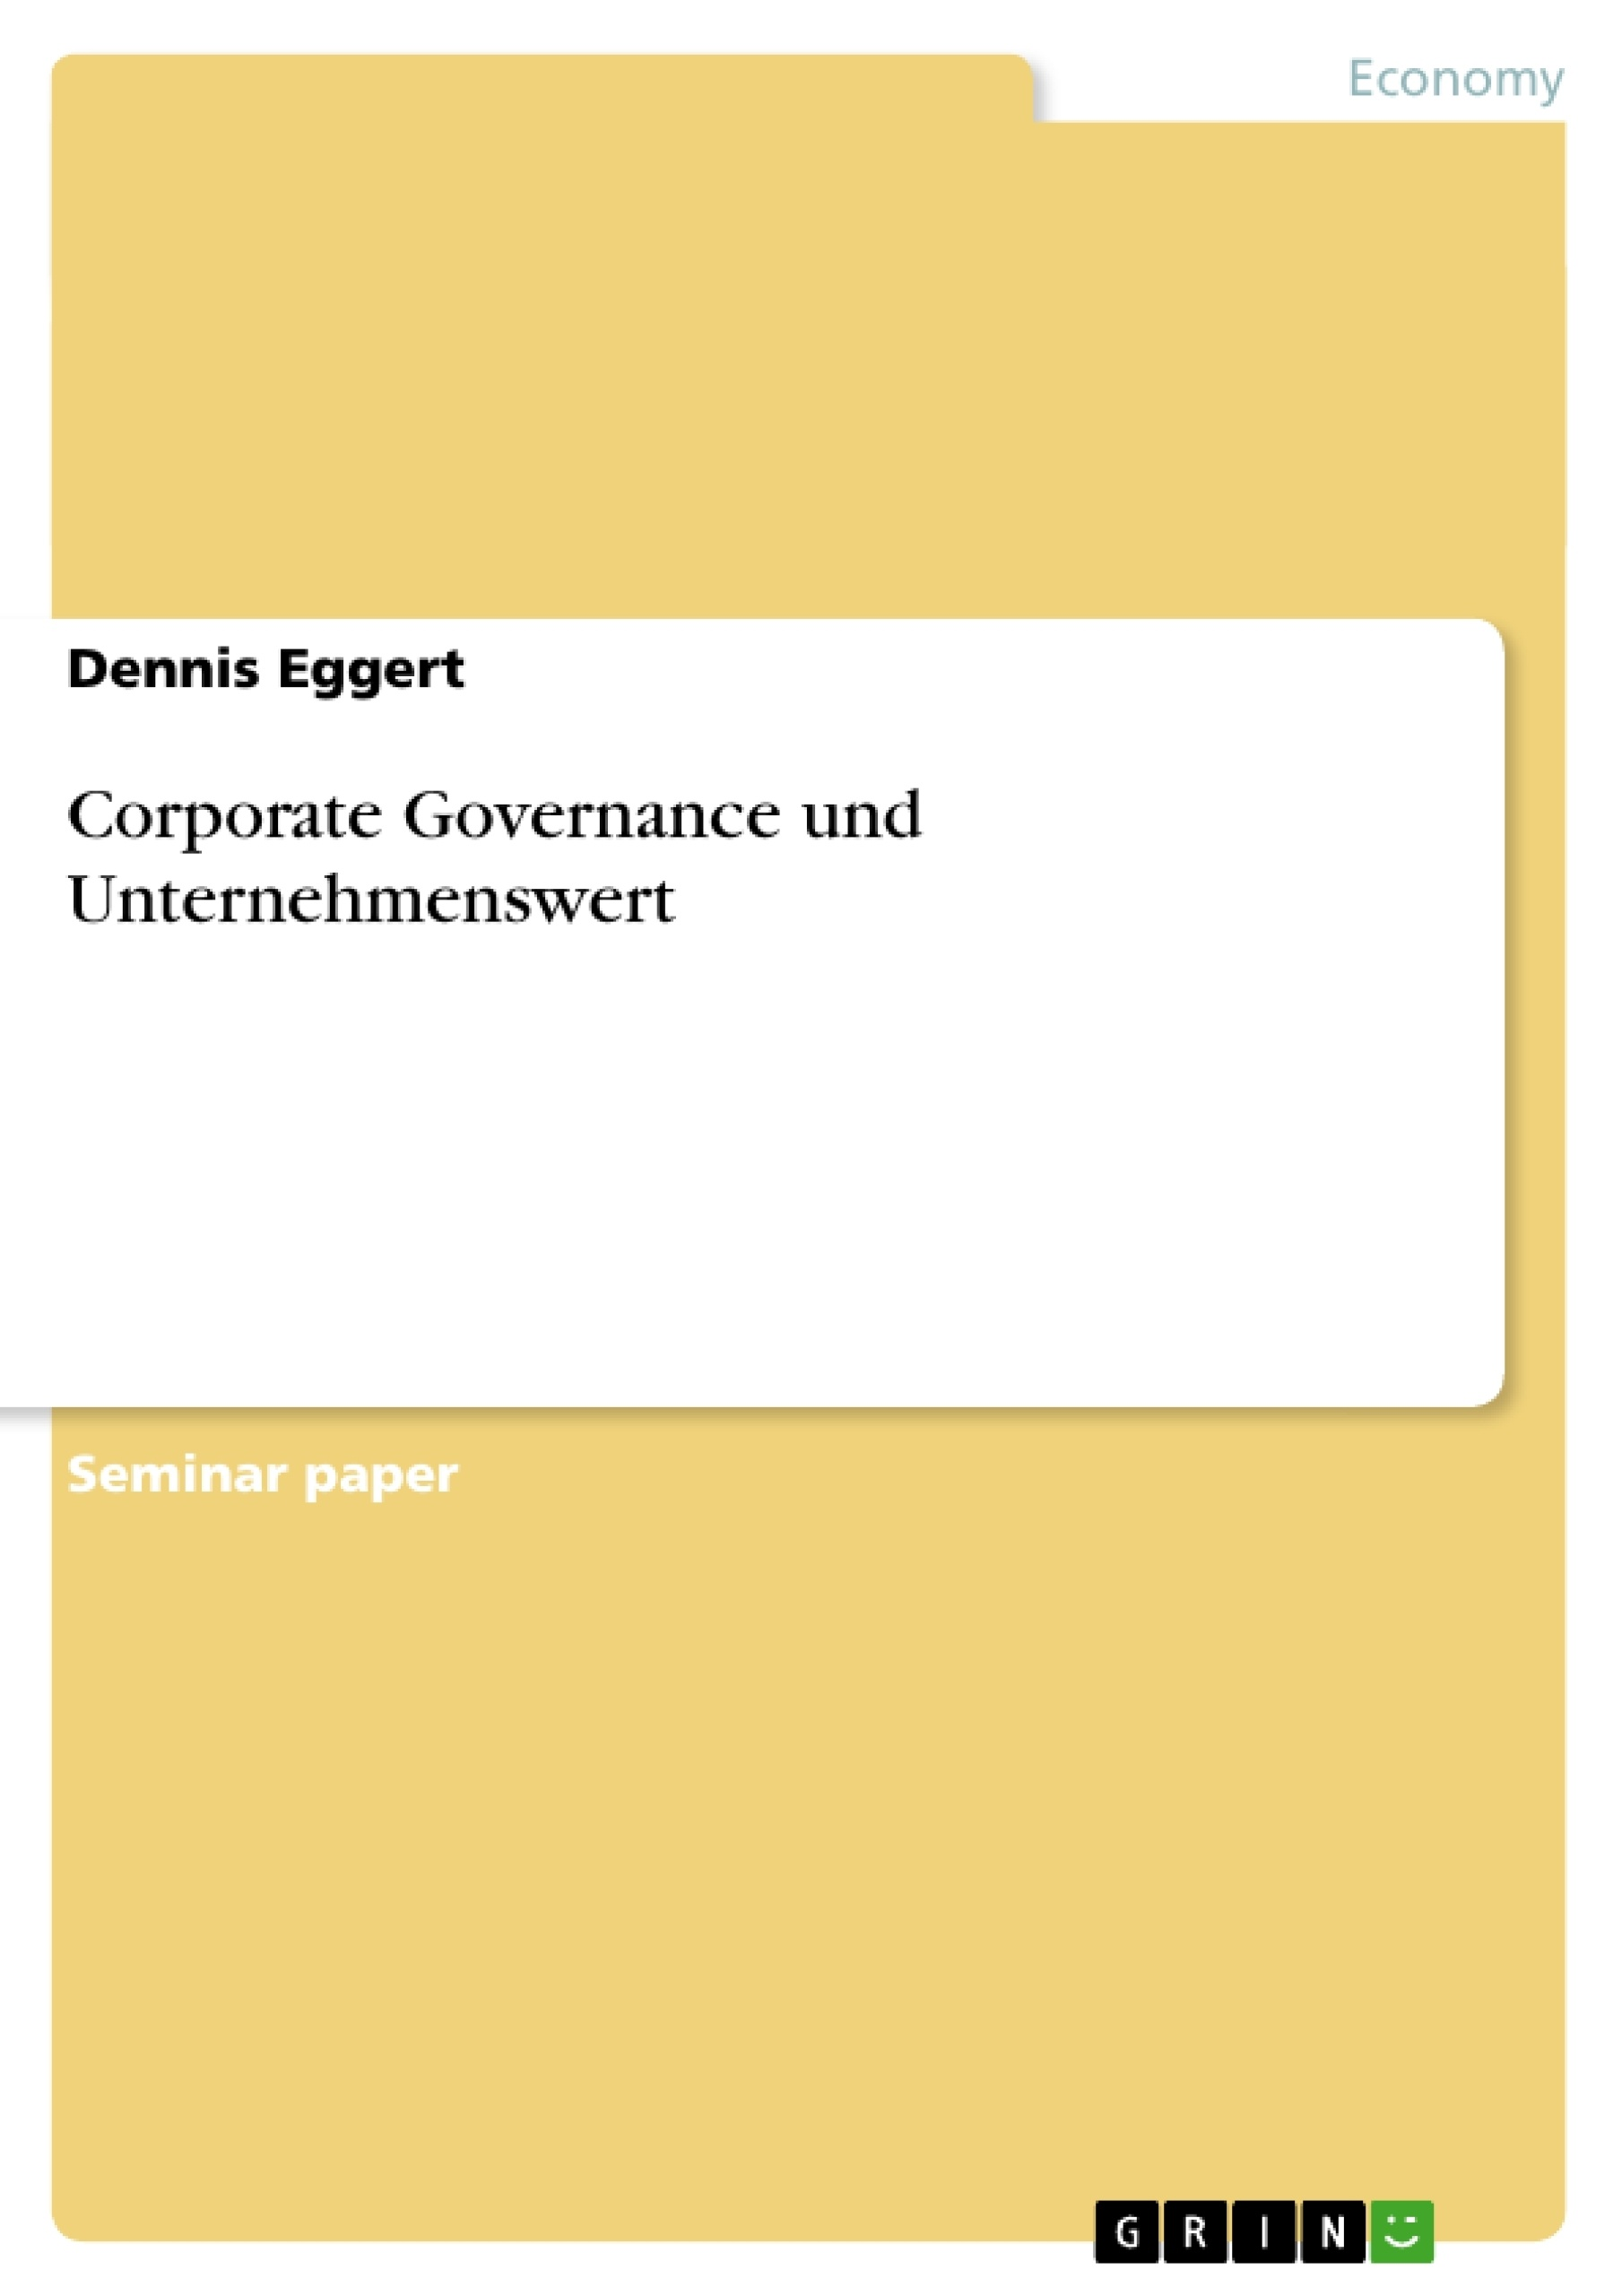 Title: Corporate Governance und Unternehmenswert